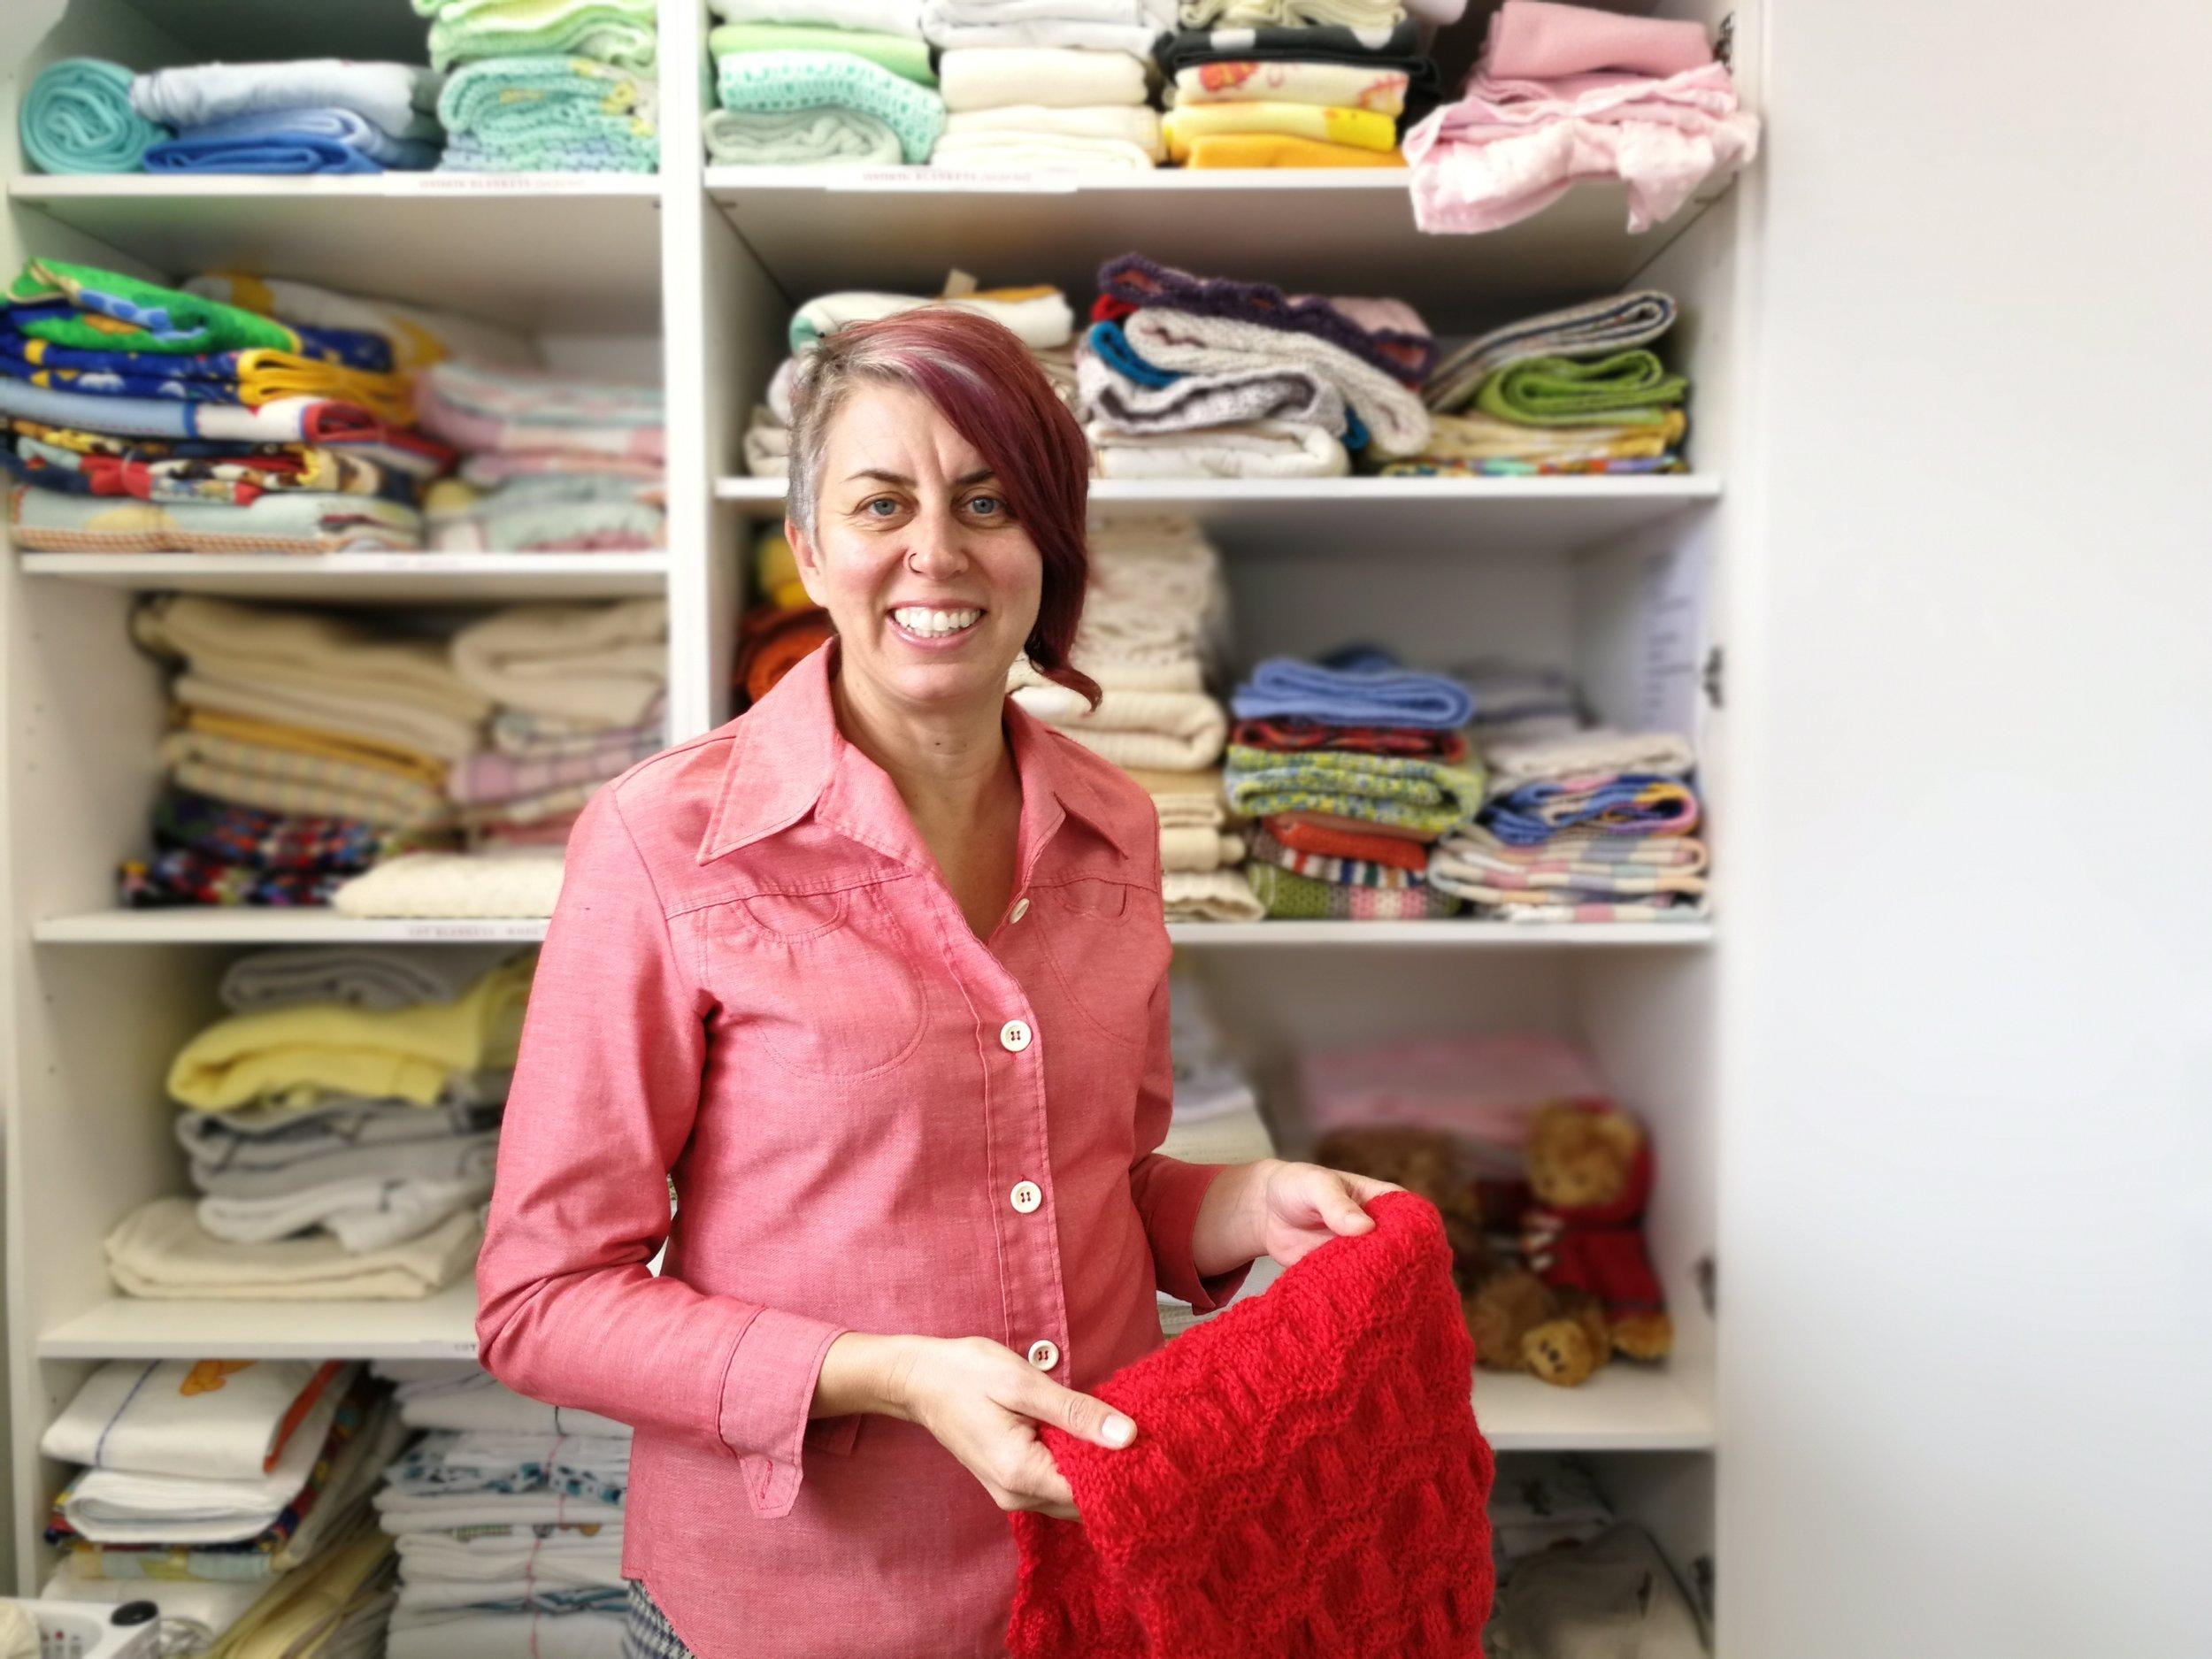 Rachel Harrison, Pregnancy Assistance Coordinator